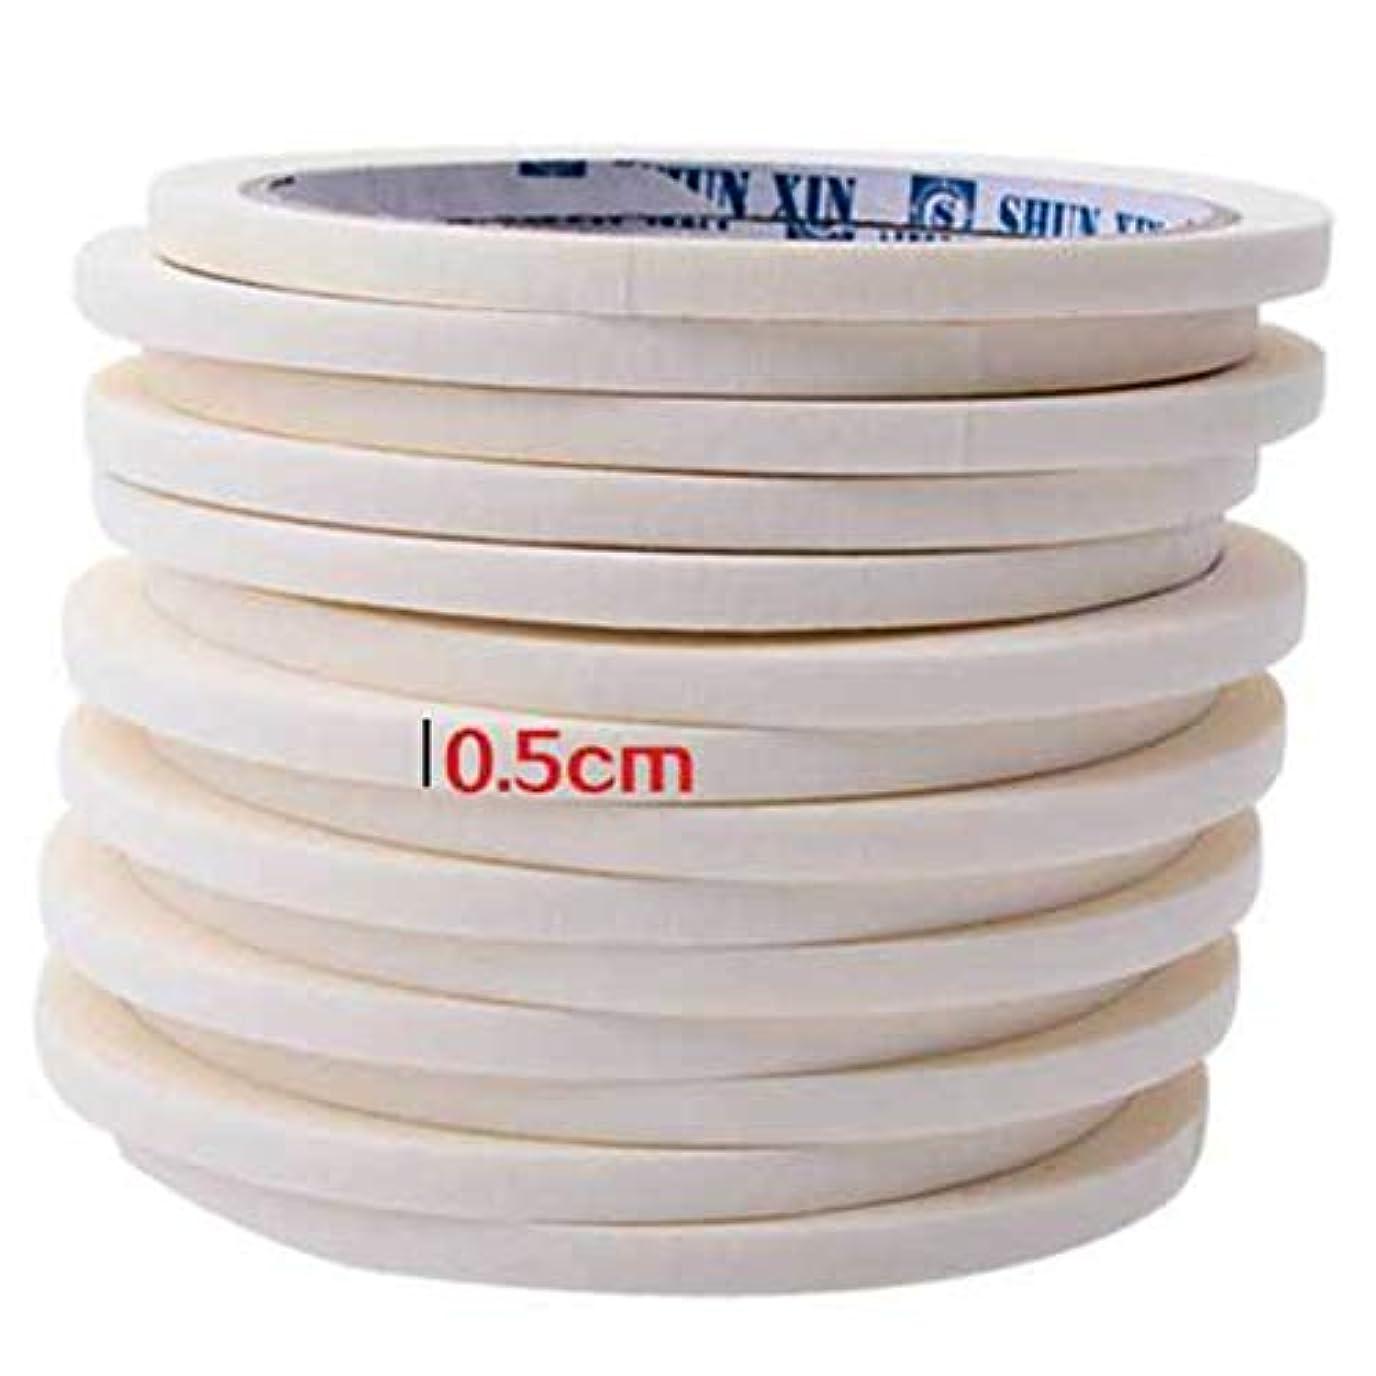 雇う変更可能作動するBirdlanternネイルテープ0.5センチマスキングテープ装飾パターンネイルポリッシュツールマニキュアネイルアートネイルテープアクセサリー用マニキュア